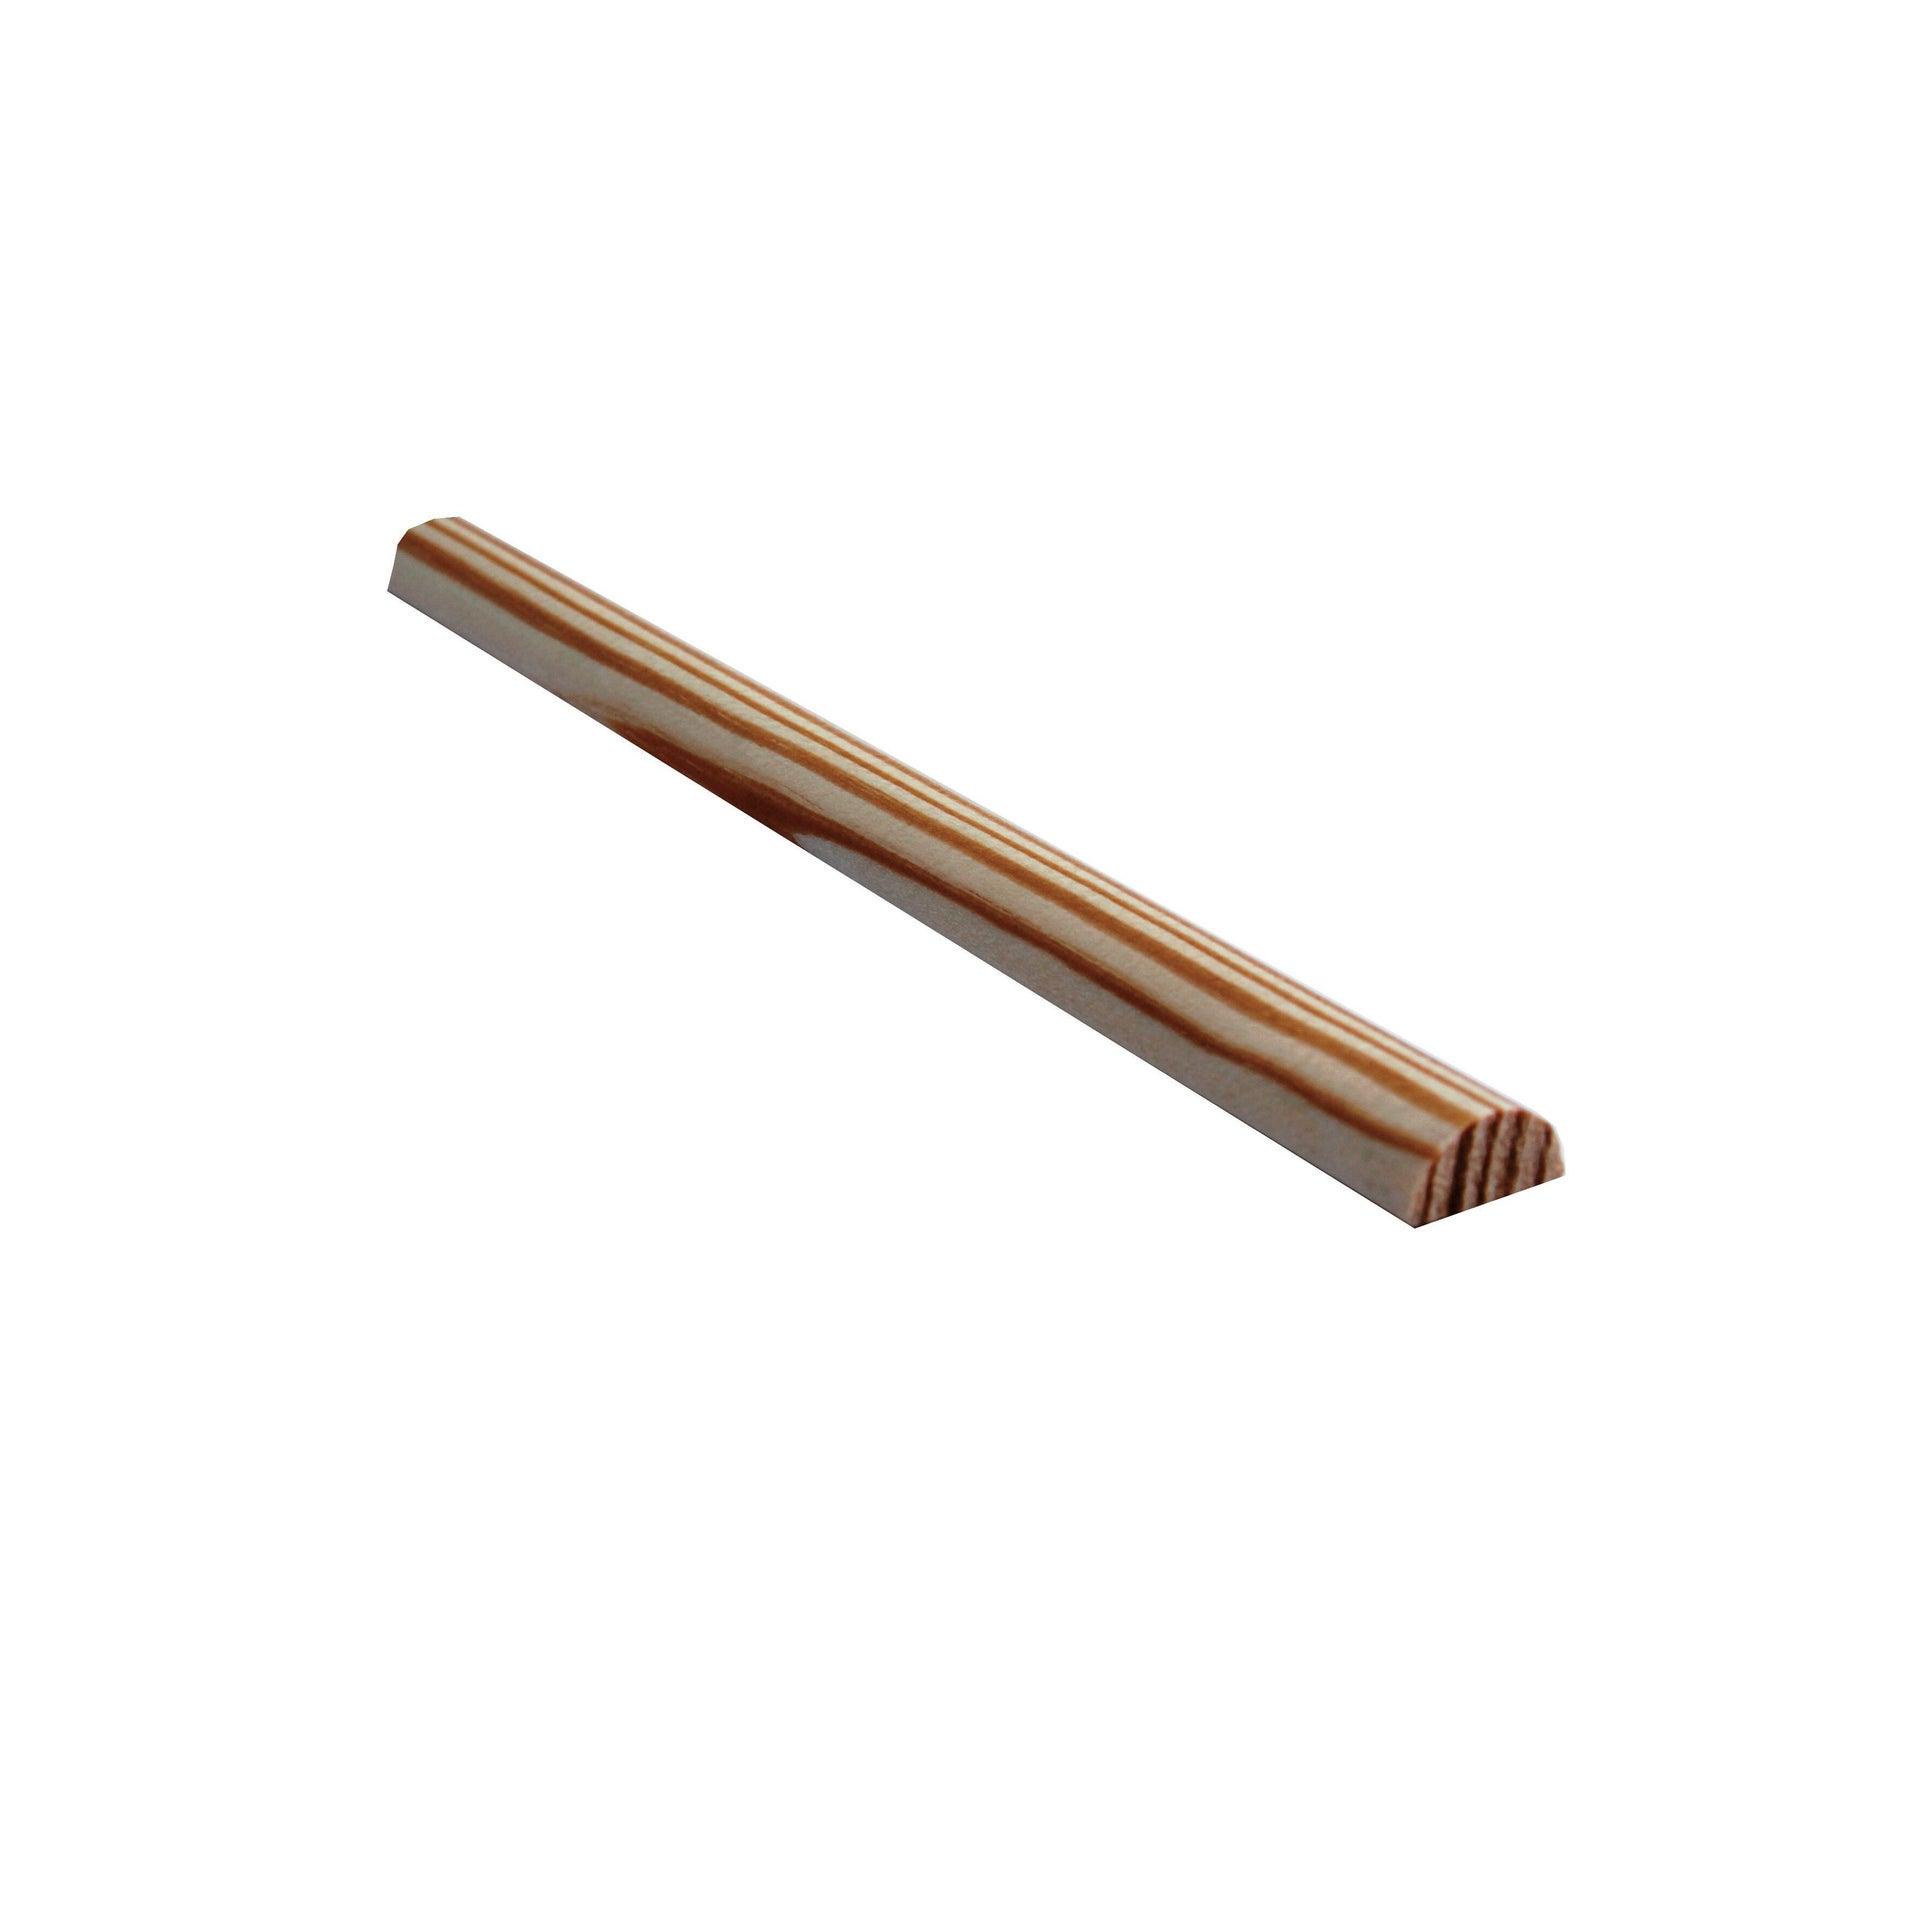 1/2 tondo piallato pino 2.1 m x 10 mm, Sp 20 mm